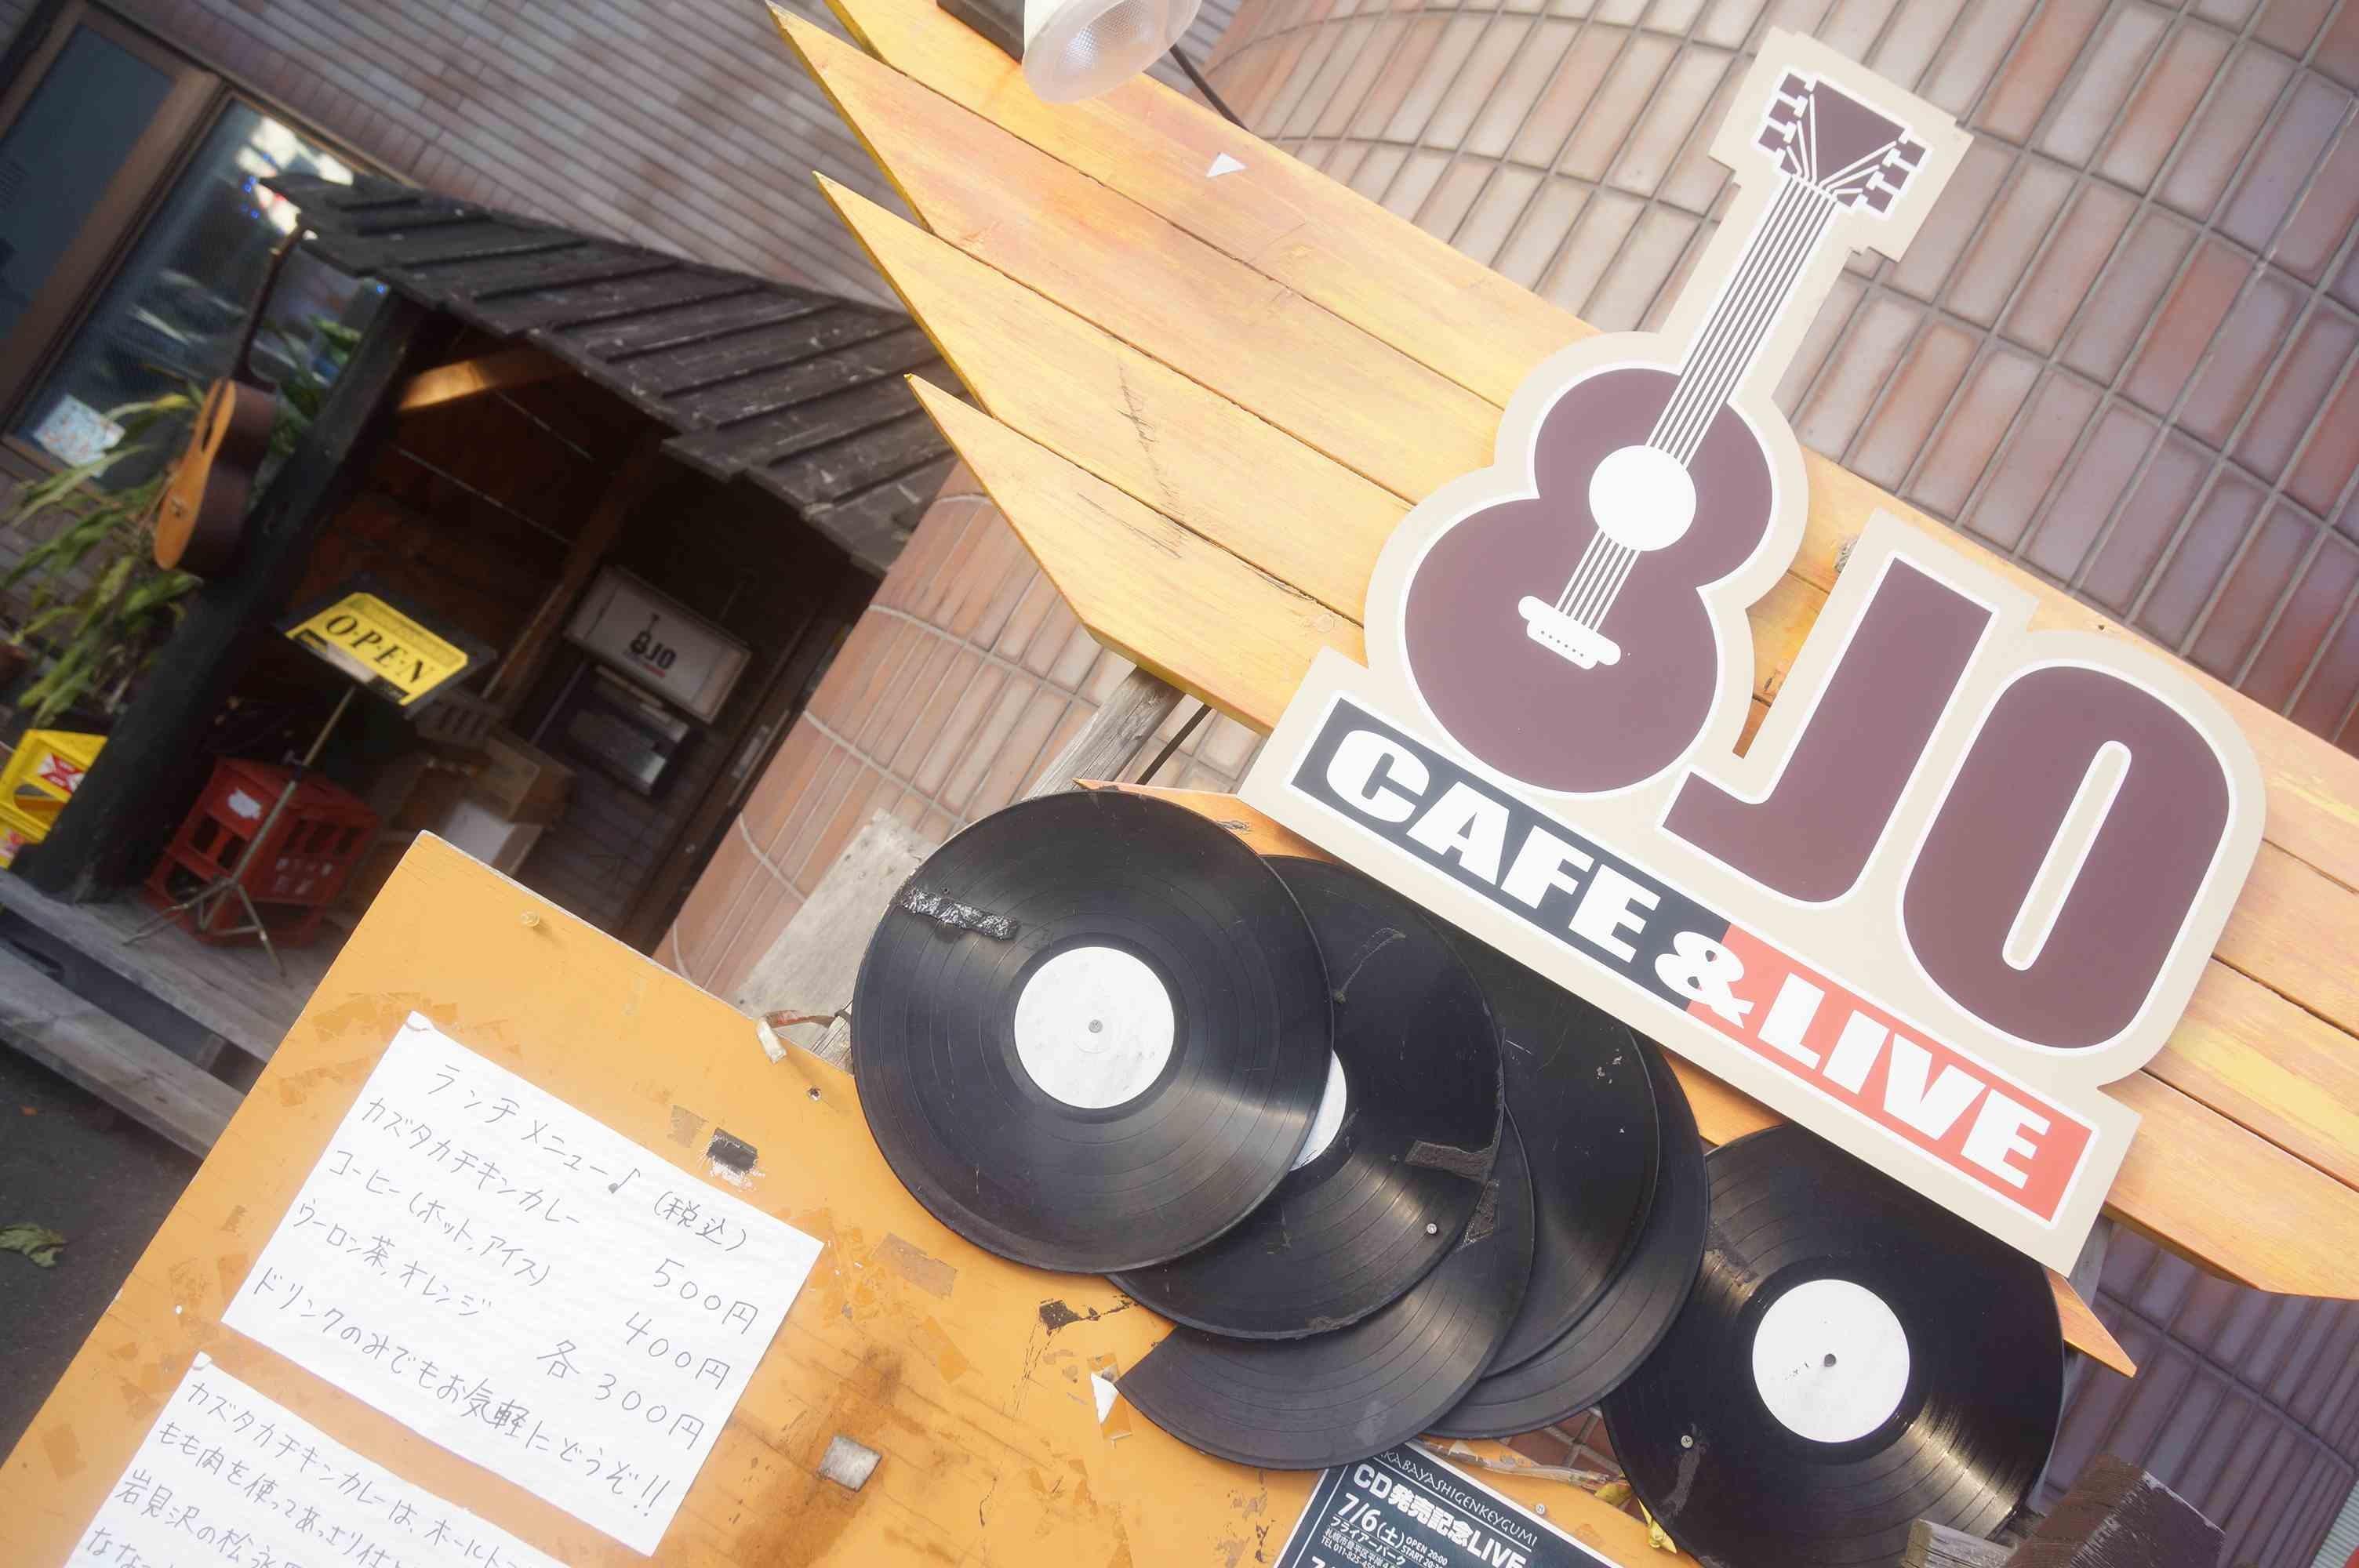 cafe&Live 8JO